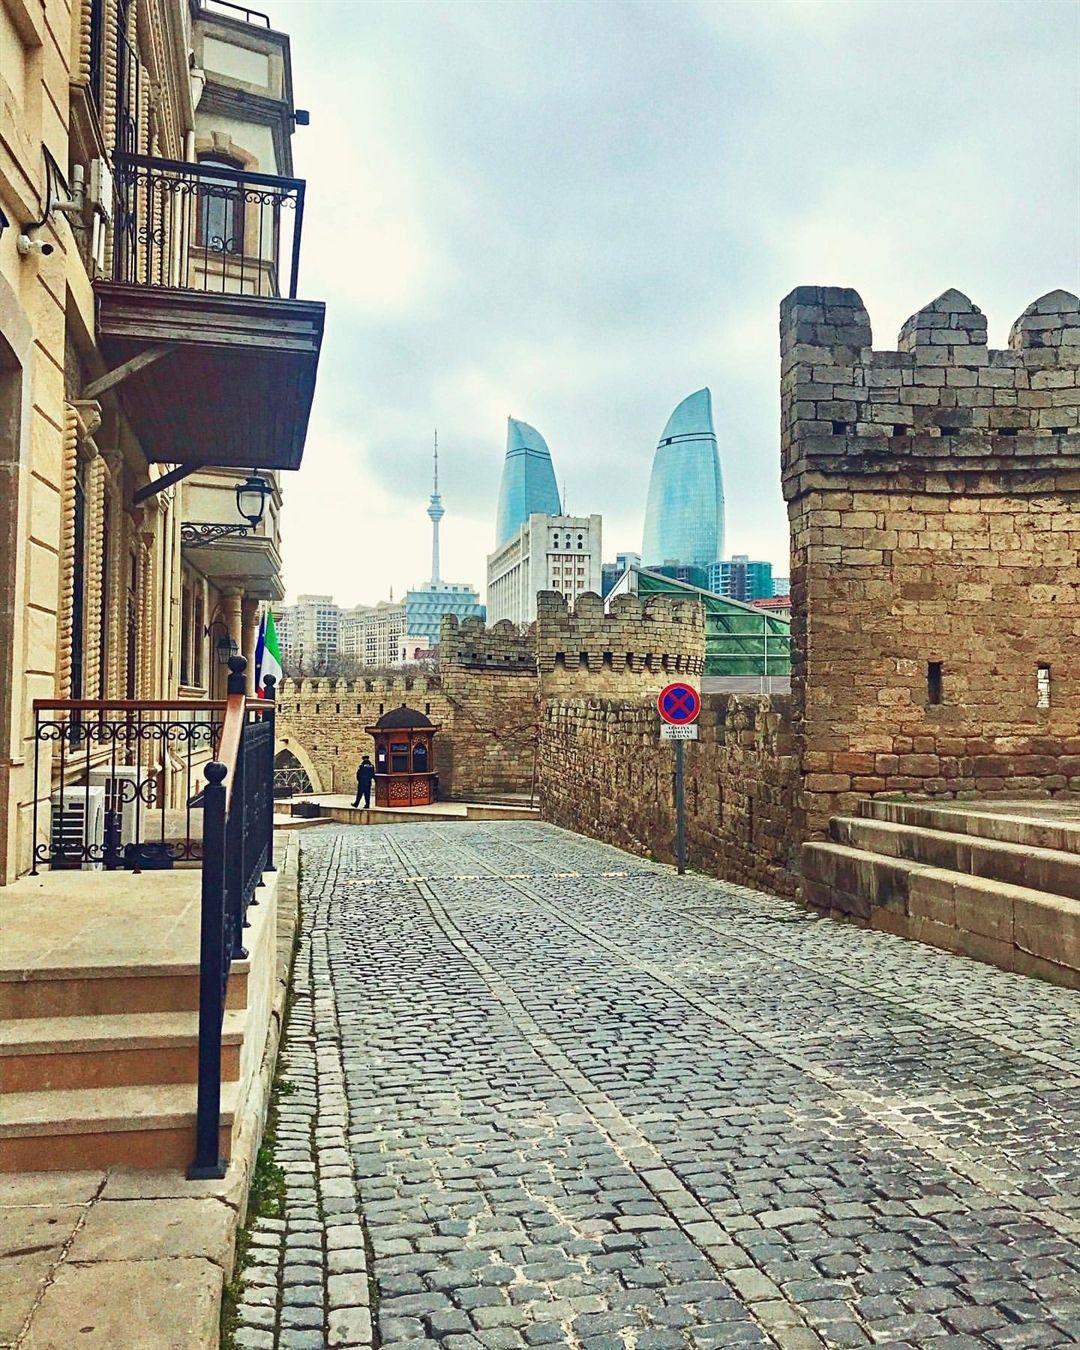 Old City Icheri Sheher Baku What A Contrast Baku Azerbaijan Visitazerbaijan Travelbaku Triptoazerbaijan Old City Baku City